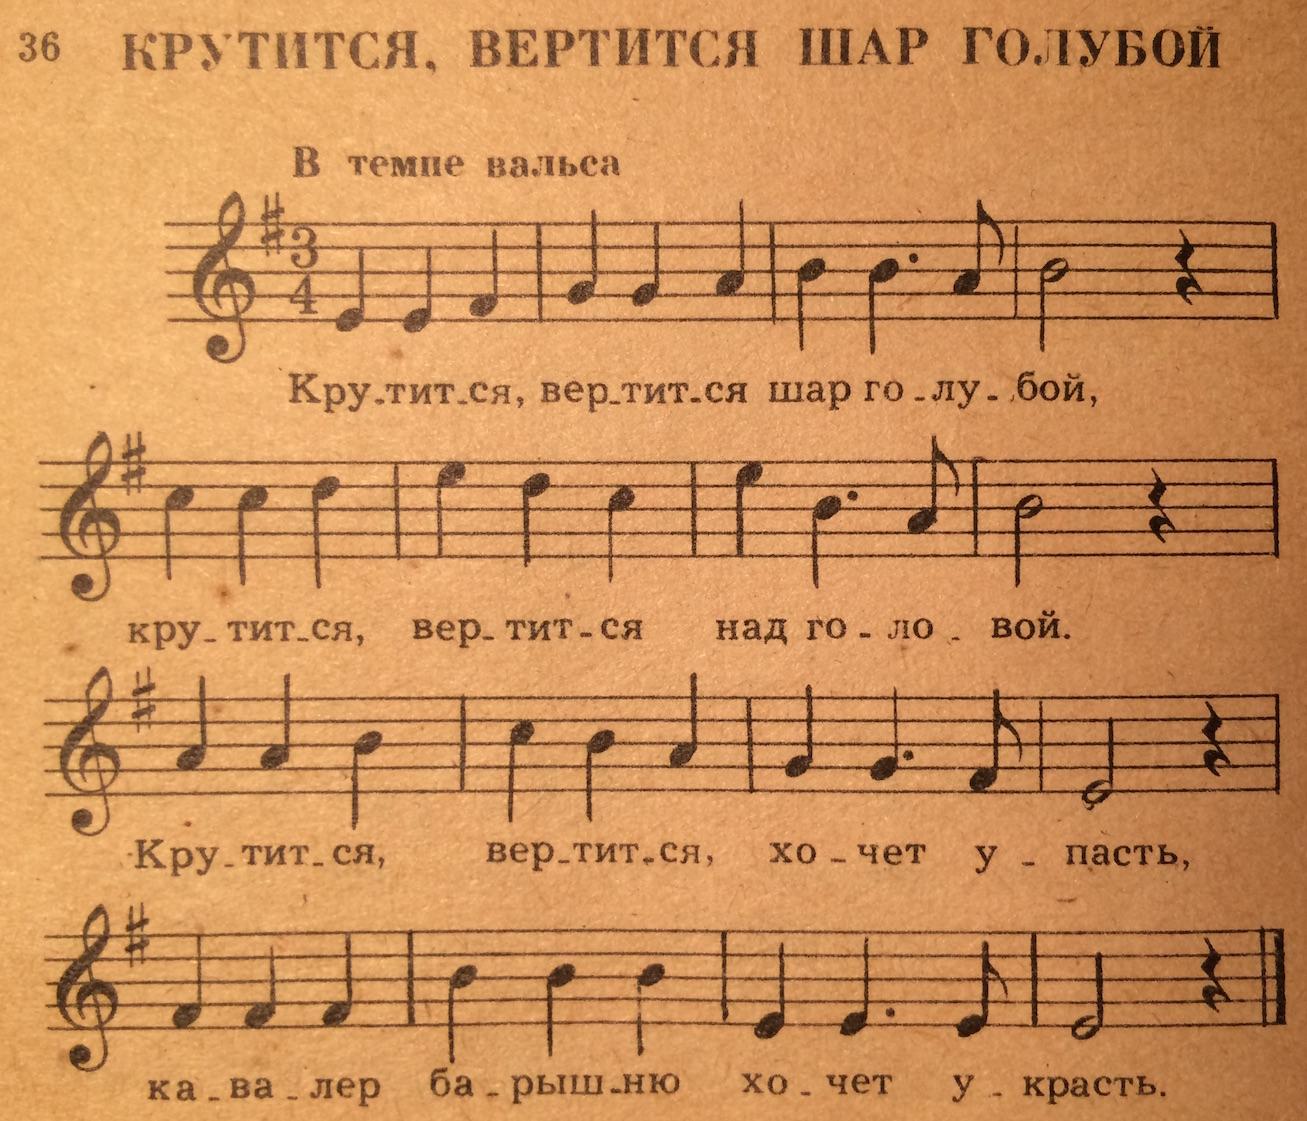 МИНУСОВКА ПЕСНИ КРУТИТСЯ ВЕРТИТСЯ ШАР ГОЛУБОЙ СКАЧАТЬ БЕСПЛАТНО